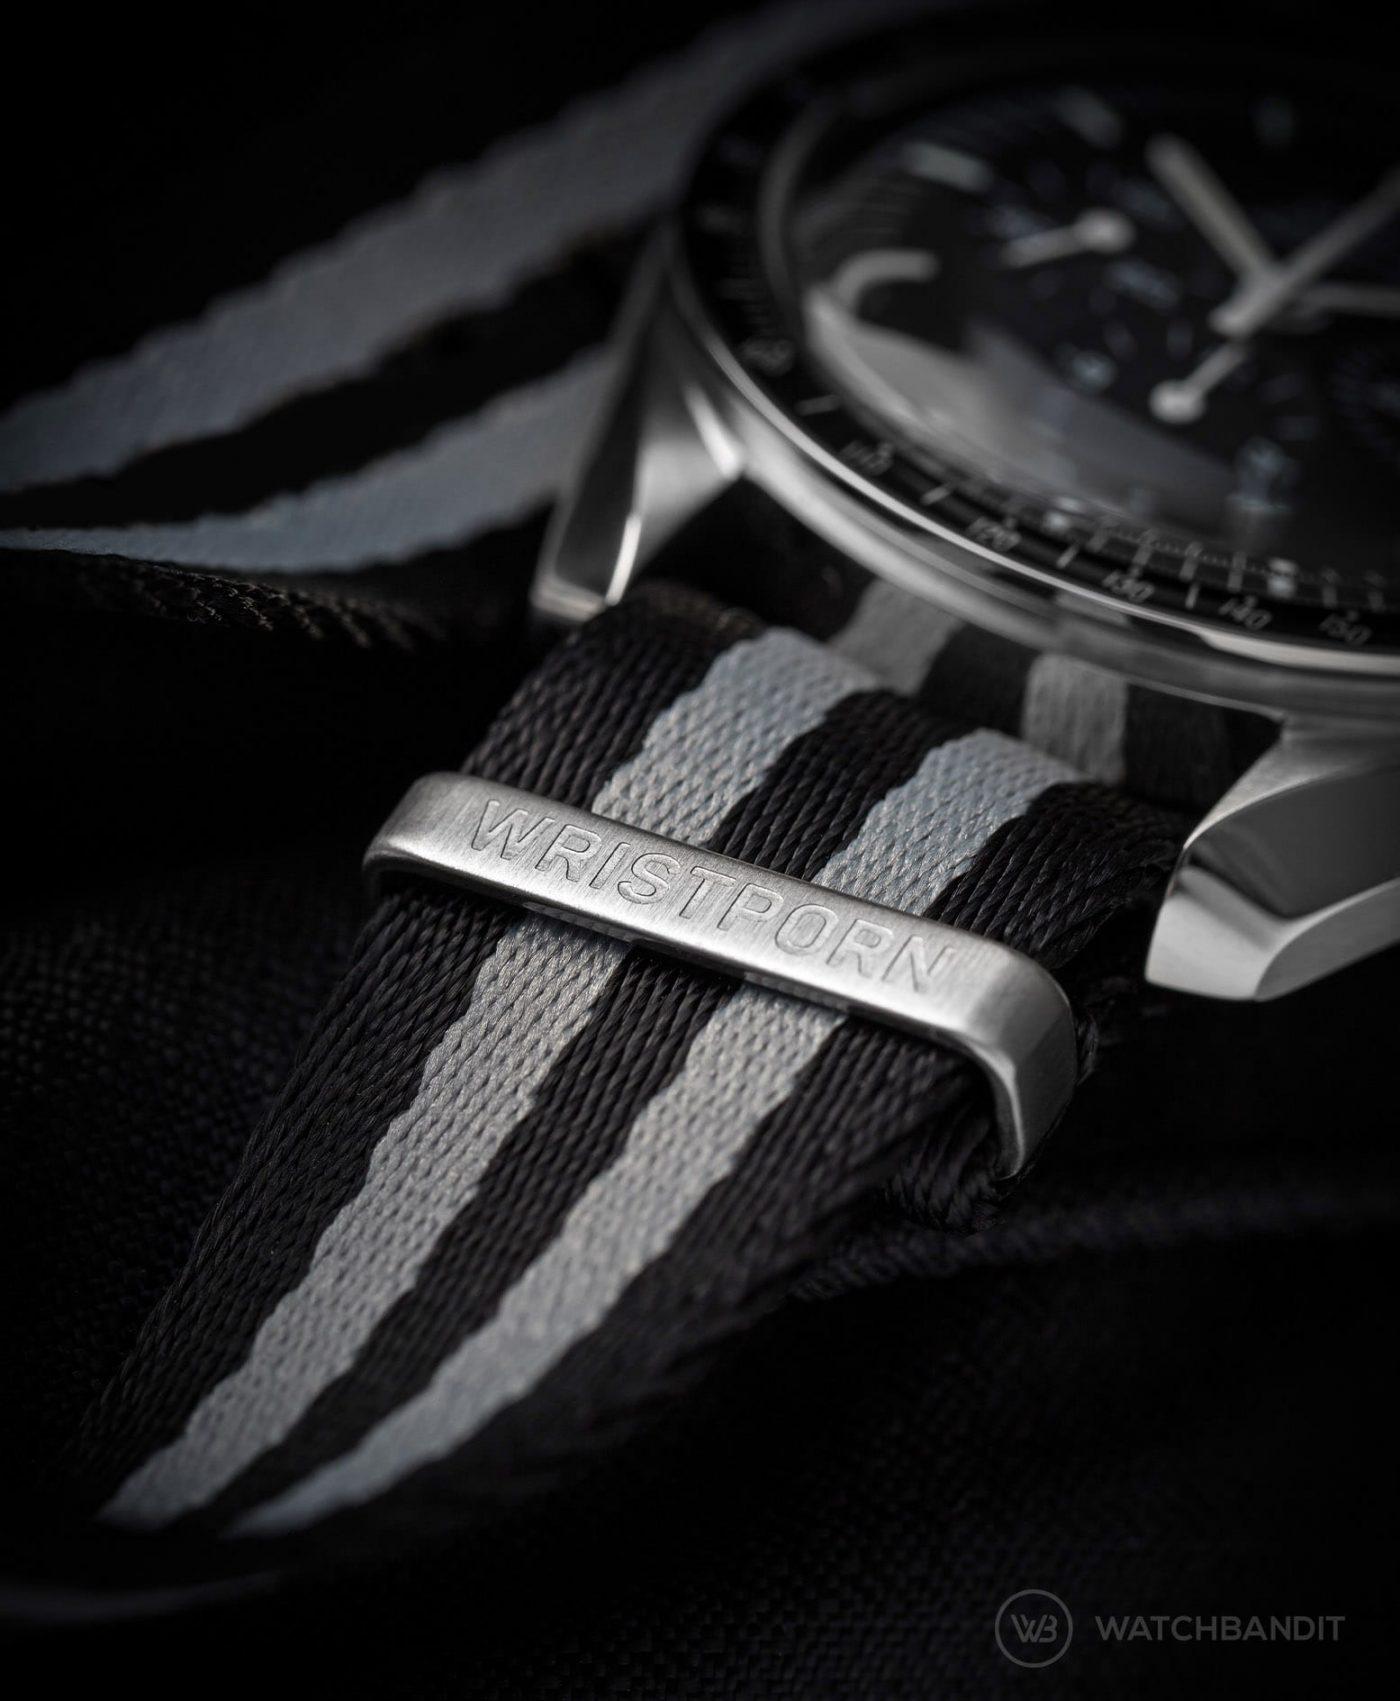 wristporn nato strap on omega speedmaster engraved steinless steel hardware by watchddicted